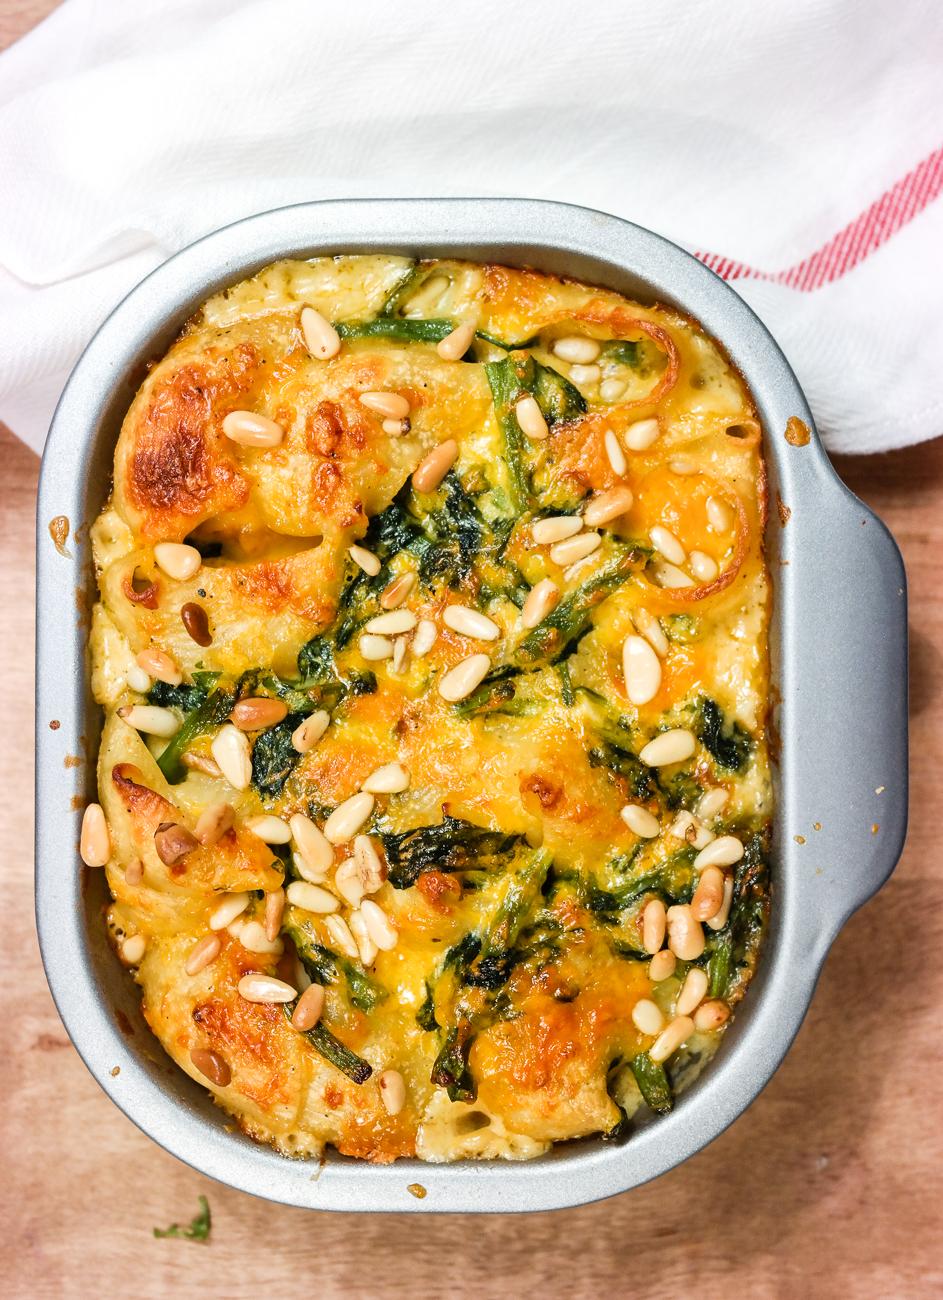 Comfort food HELLO! Mac and cheese med spinat og grønne bønner!